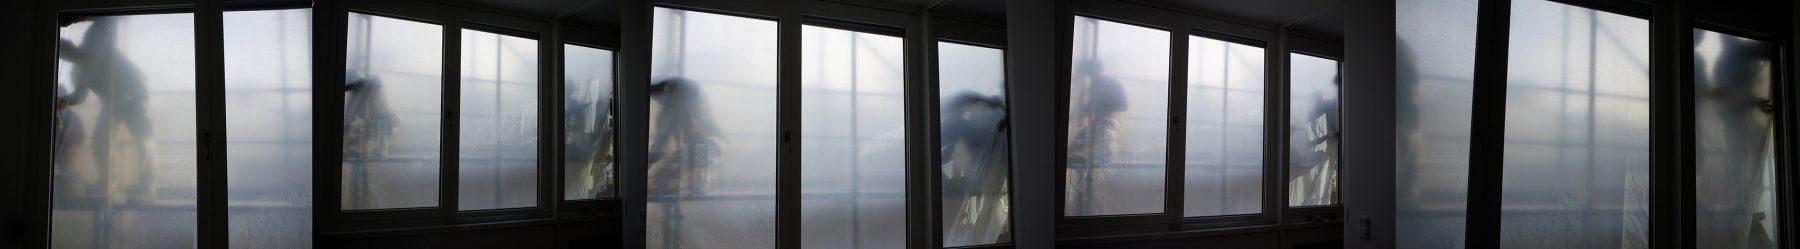 Fensterballet 2